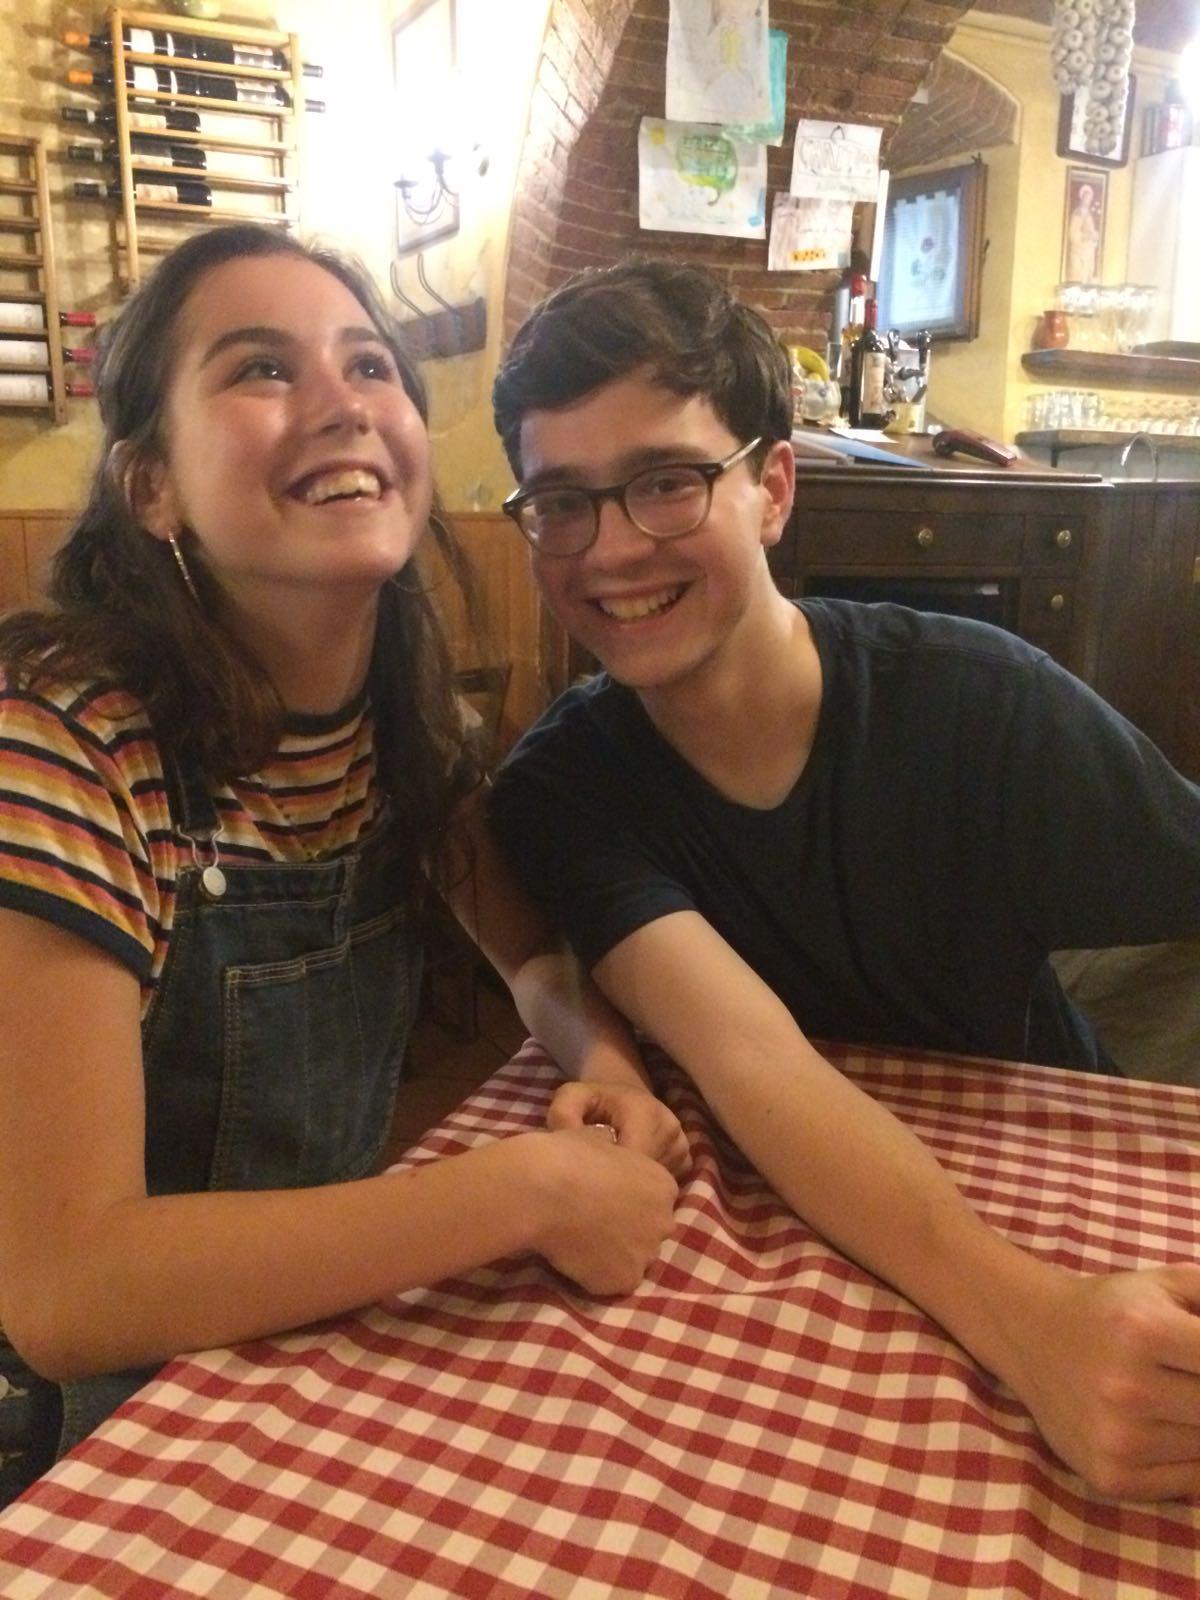 Siblings reunited